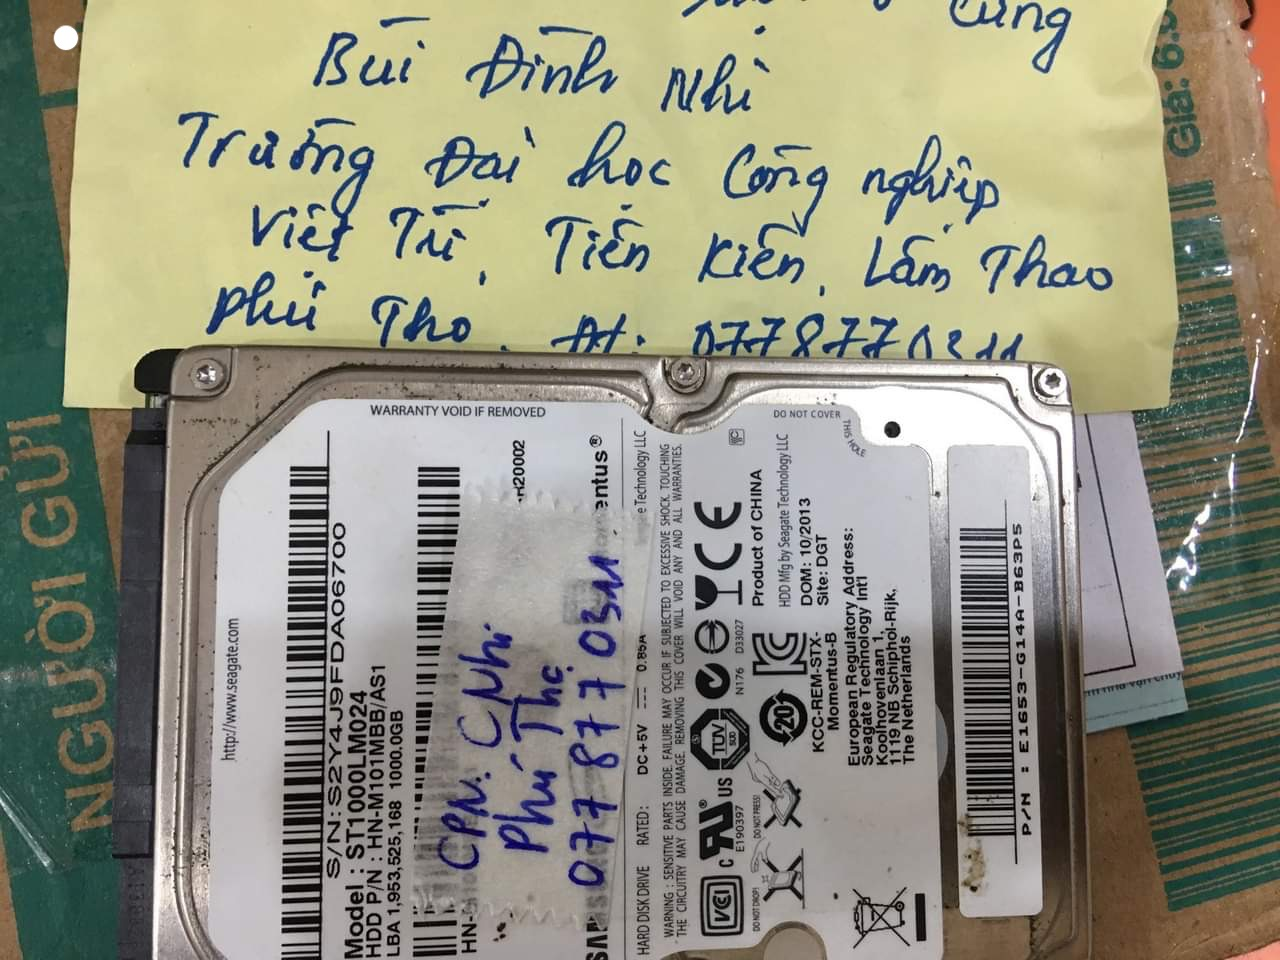 Phục hồi dữ liệu ổ cứng Samsung 1TB bó cơ tại Phú Thọ 21/09/2020 - cuumaytinh